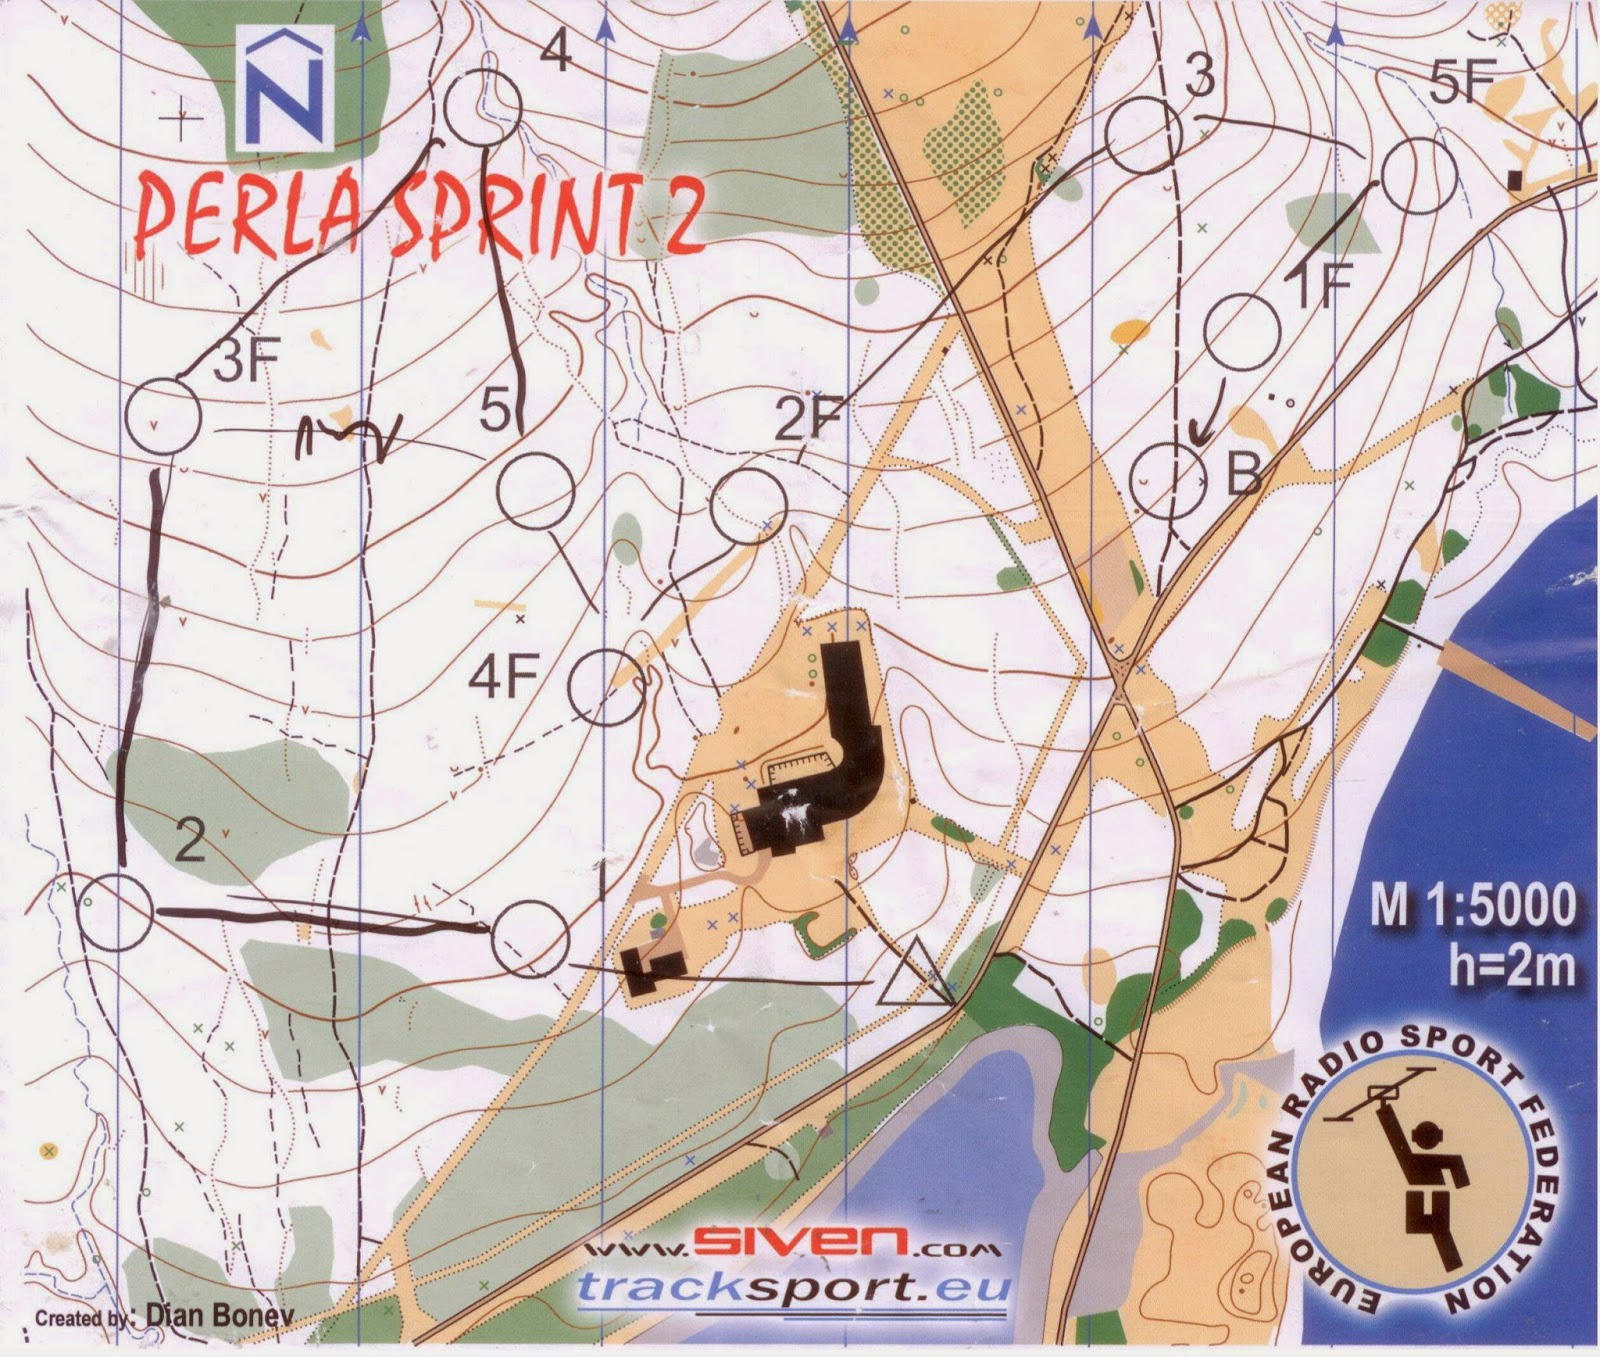 контрольная карта дистанции спринта по выбору